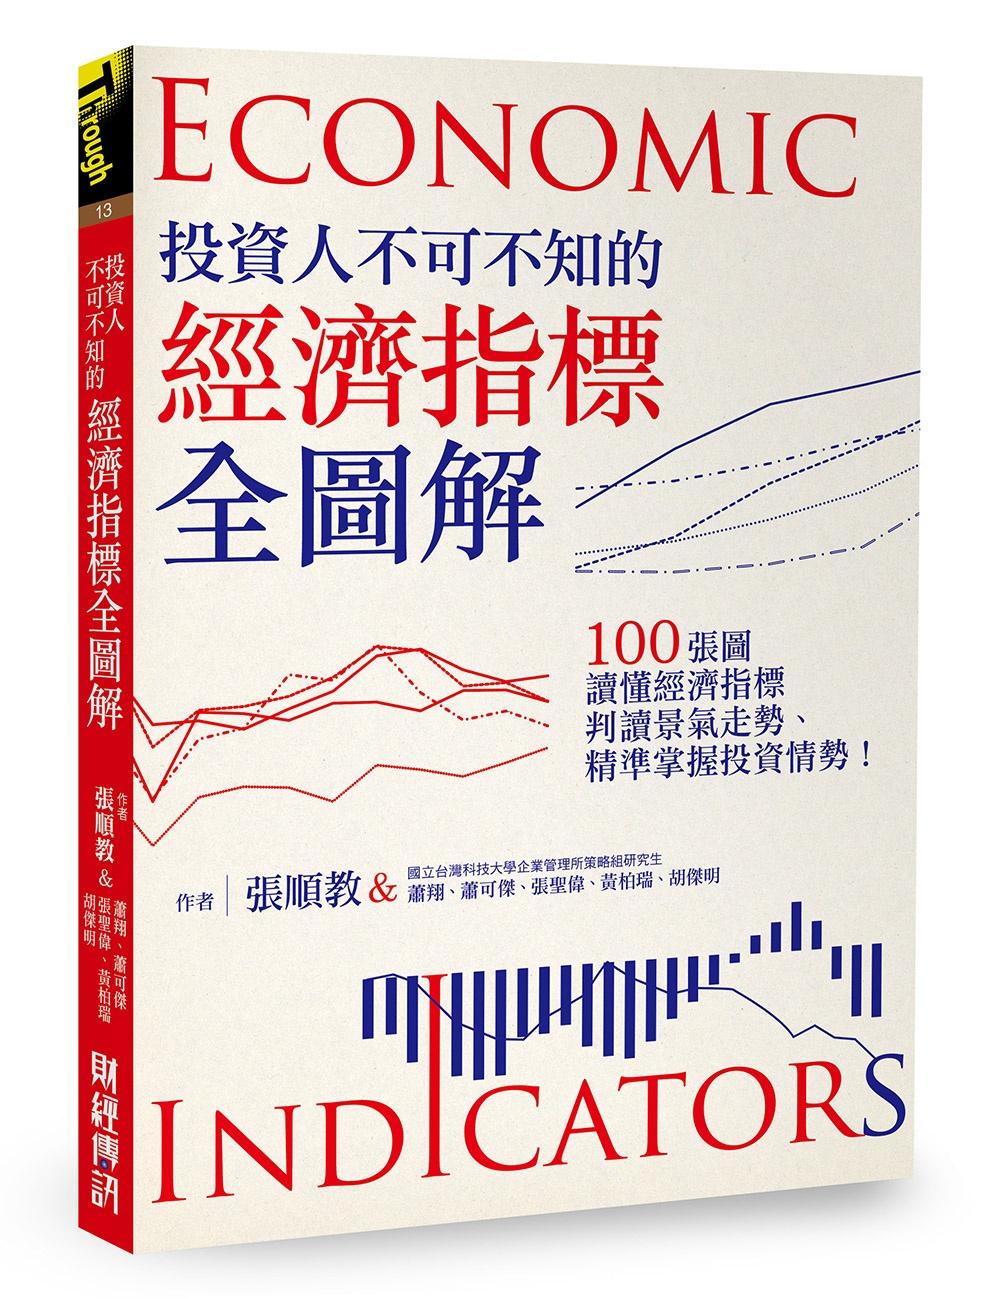 投資人不可不知的經濟指標全圖解:100張圖讀懂經濟指標、判讀景氣走勢、精準掌握投資情勢^!